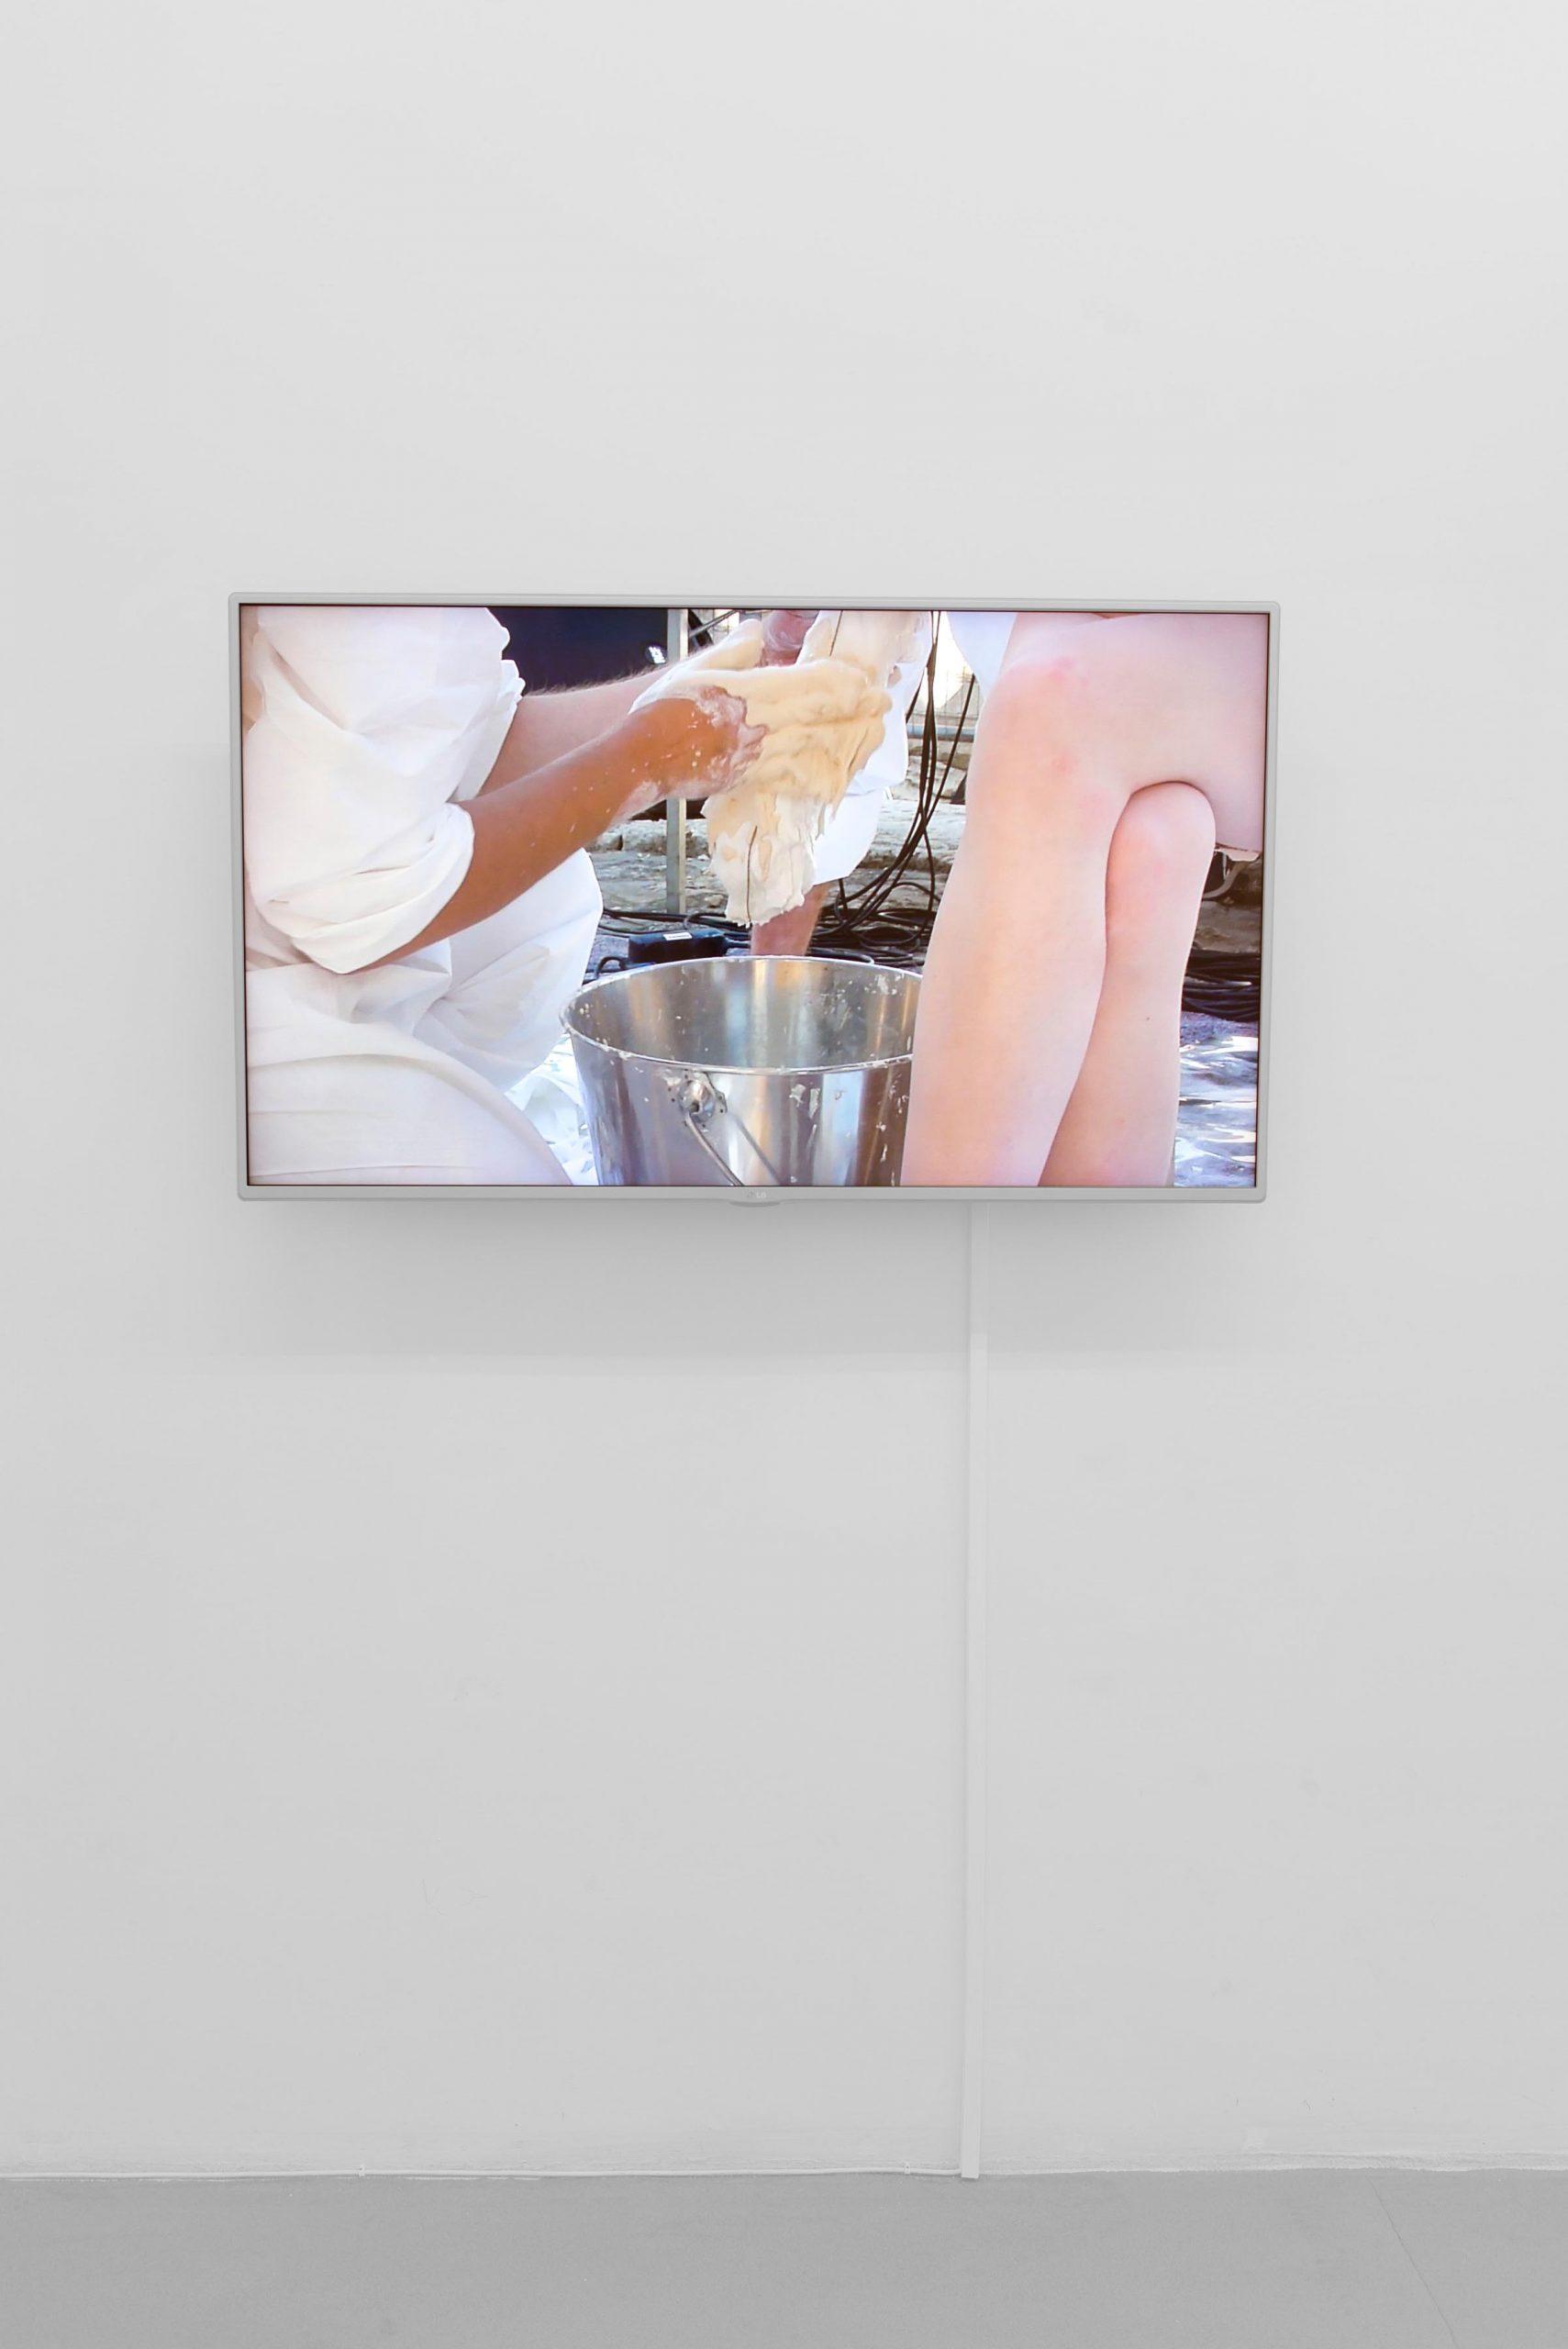 Lili Reynaud Dewar Why should our bodies end at the skin, 2012 Courtesy Galerie Emanuel Layr, Wien